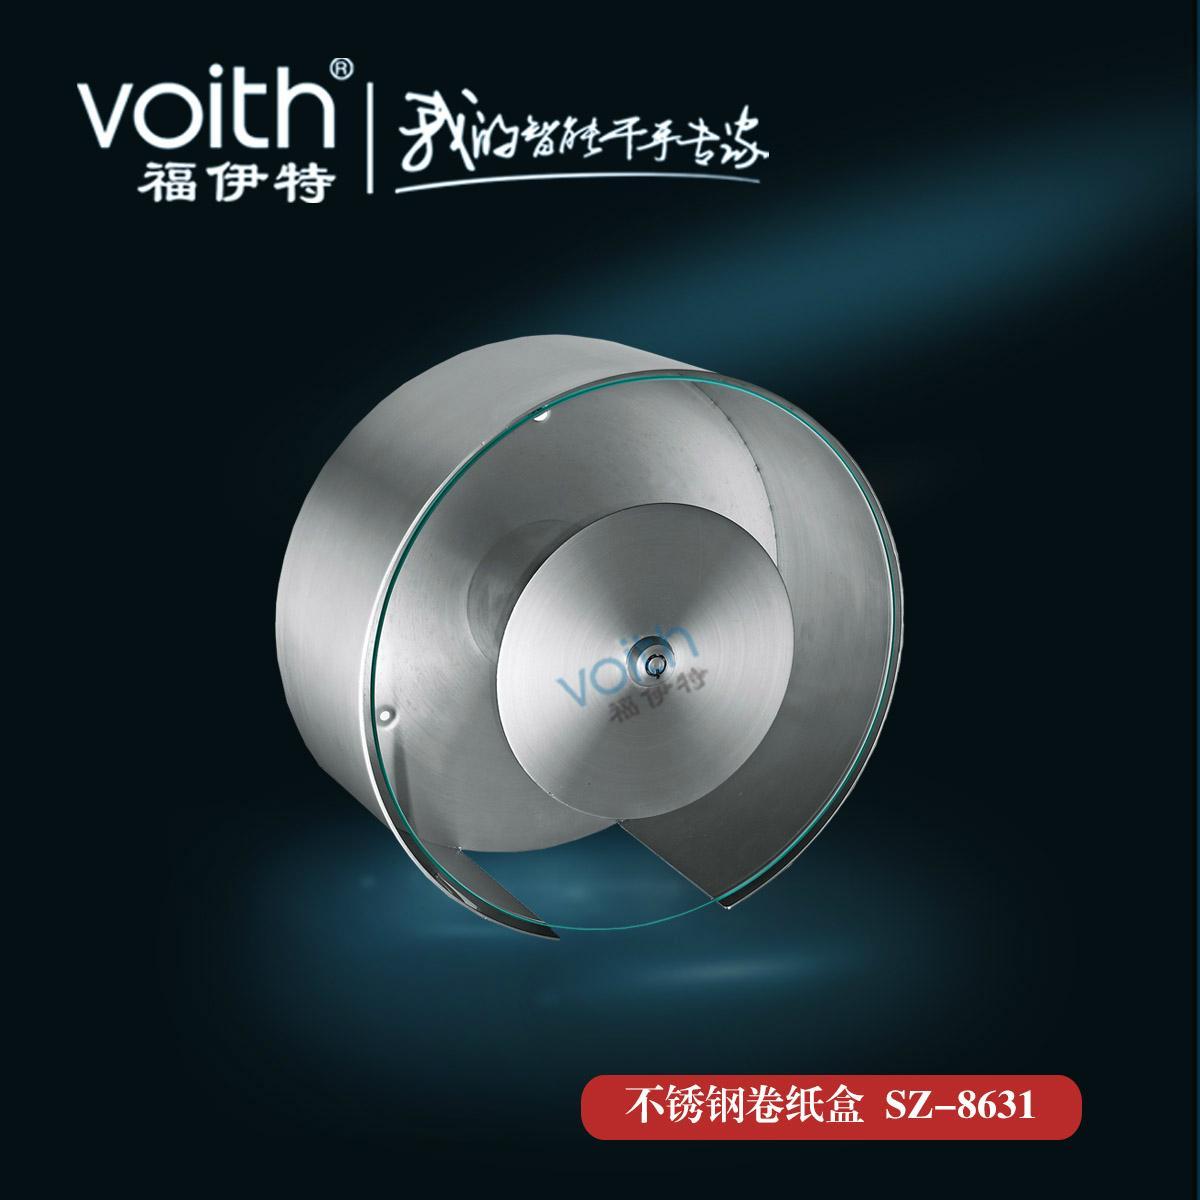 福伊特圆形钢化玻璃卷纸盒VT-8631福伊特品牌 1